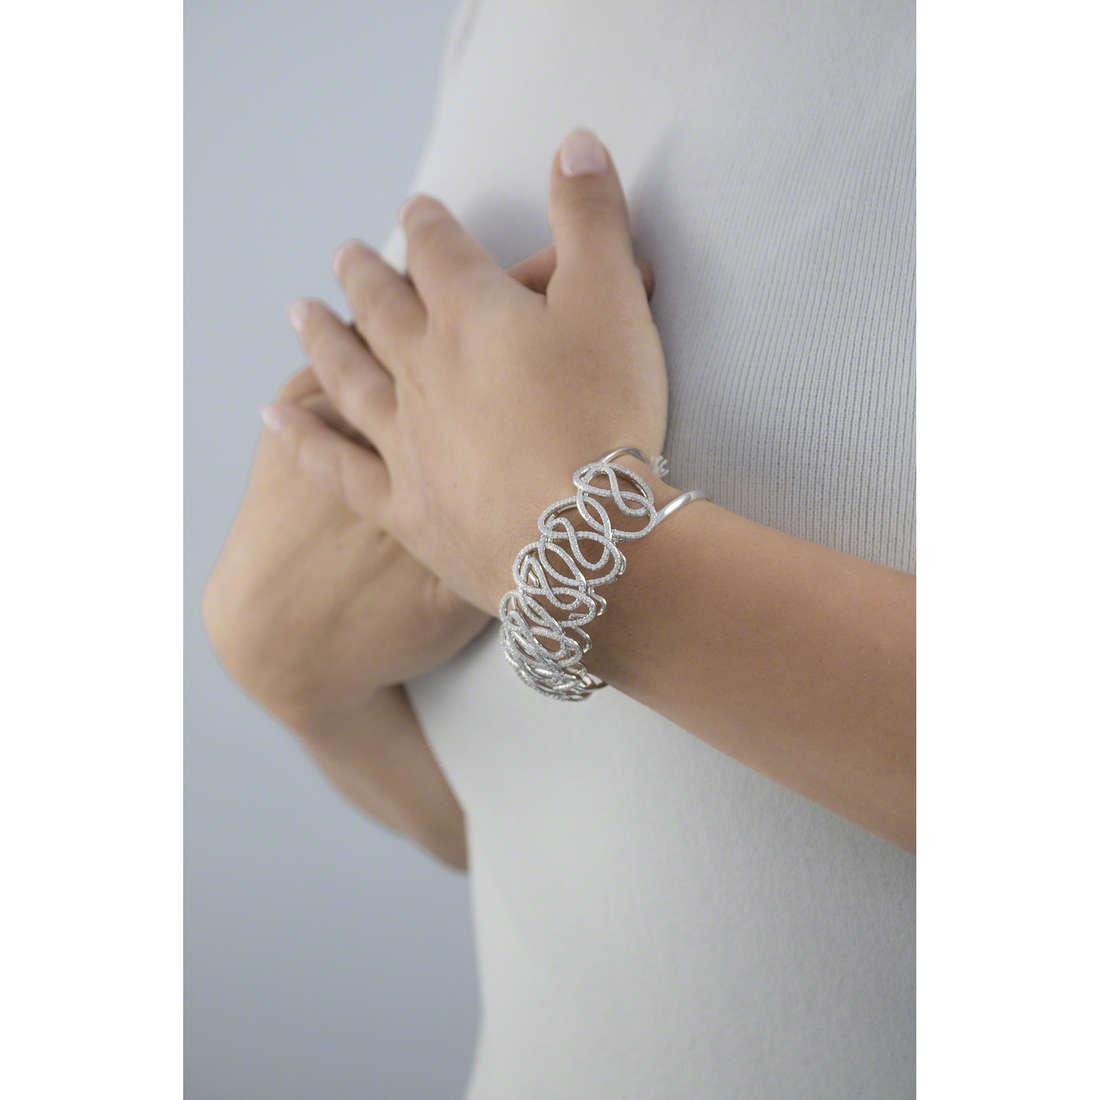 Morellato bracciali 1930 Michelle Hunziker donna SAHA05 indosso